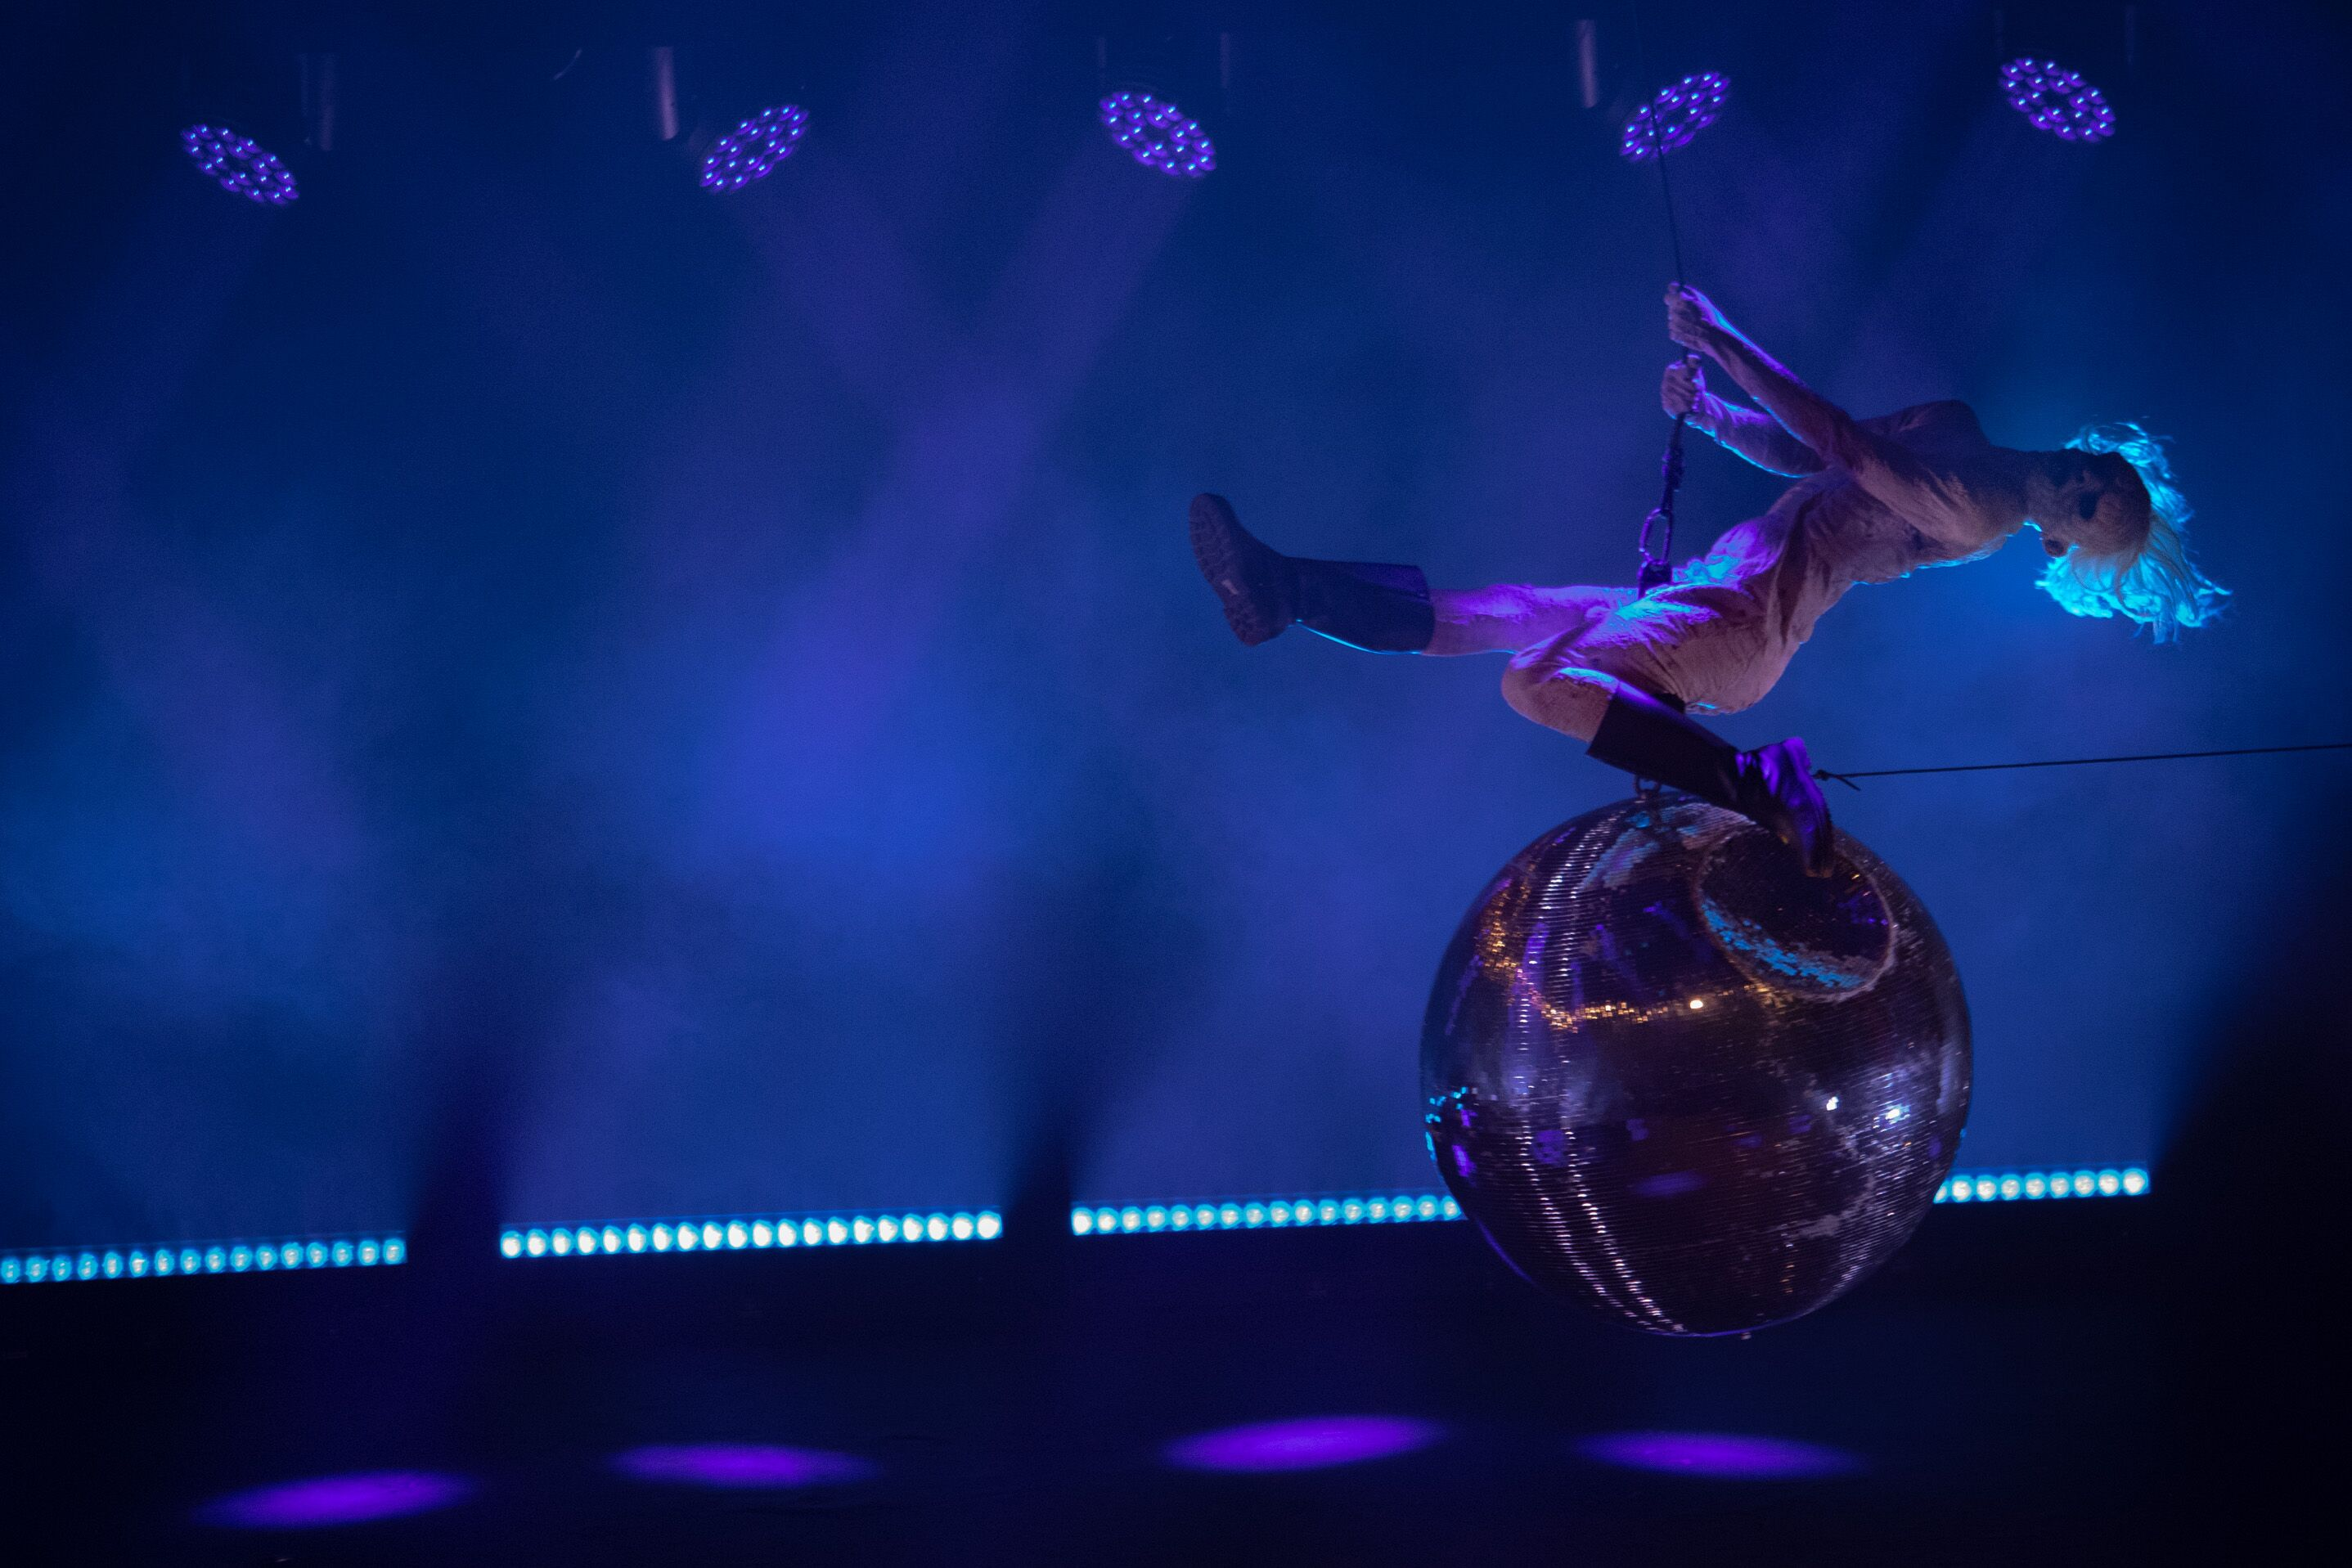 """Un moment d'humour très réussi fût l'Empereur et son interprétation de """"Wrecking Ball"""" par Myley Cyrus"""